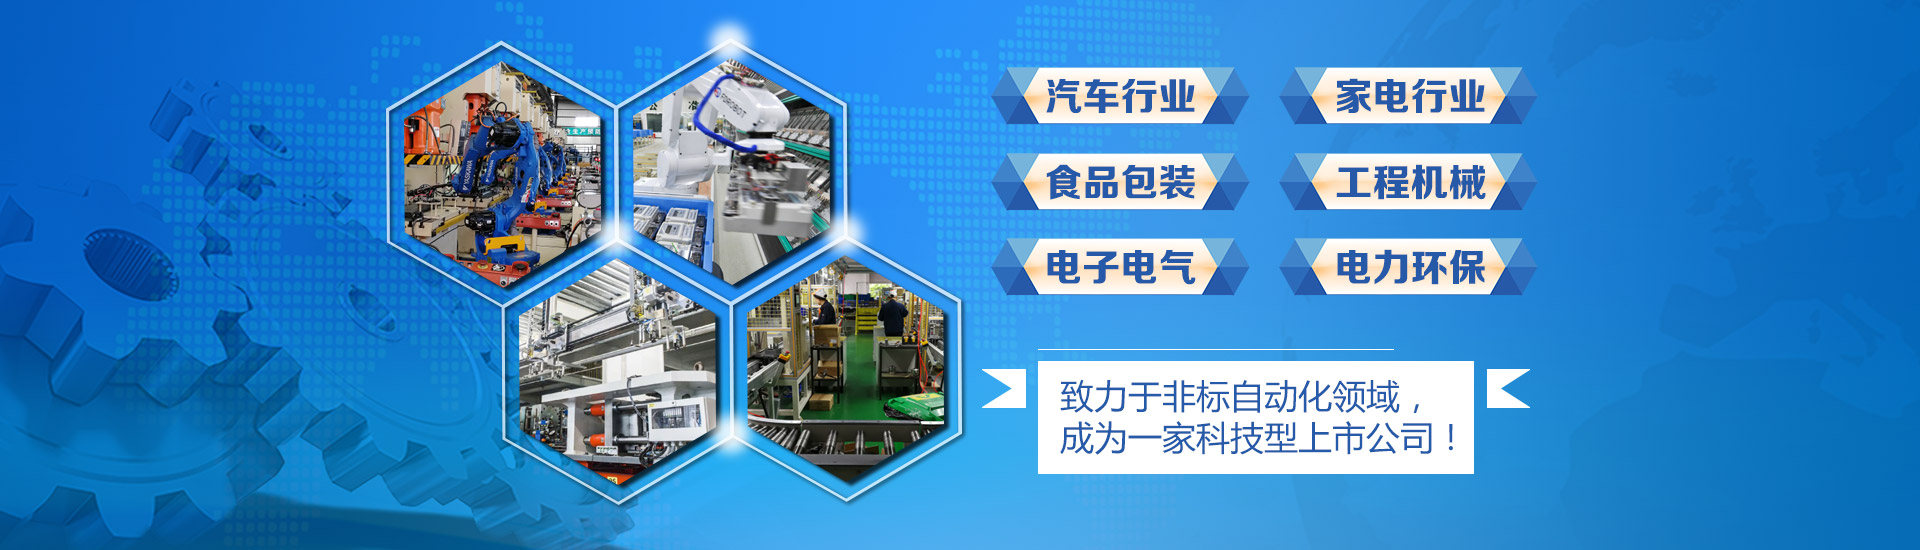 武汉非标自动化设备